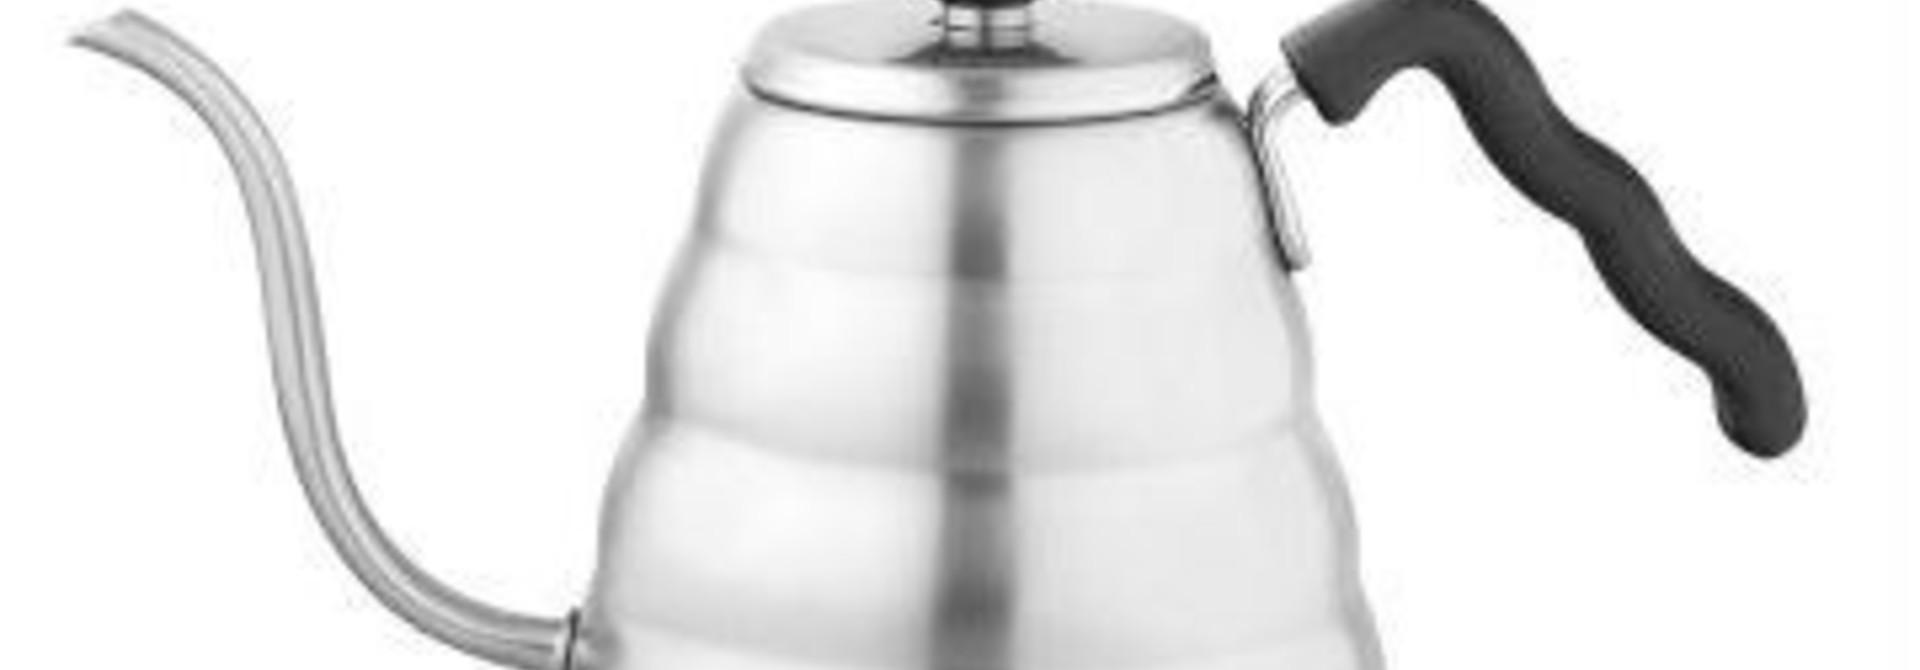 Hario V60 Drip Kettle Buono